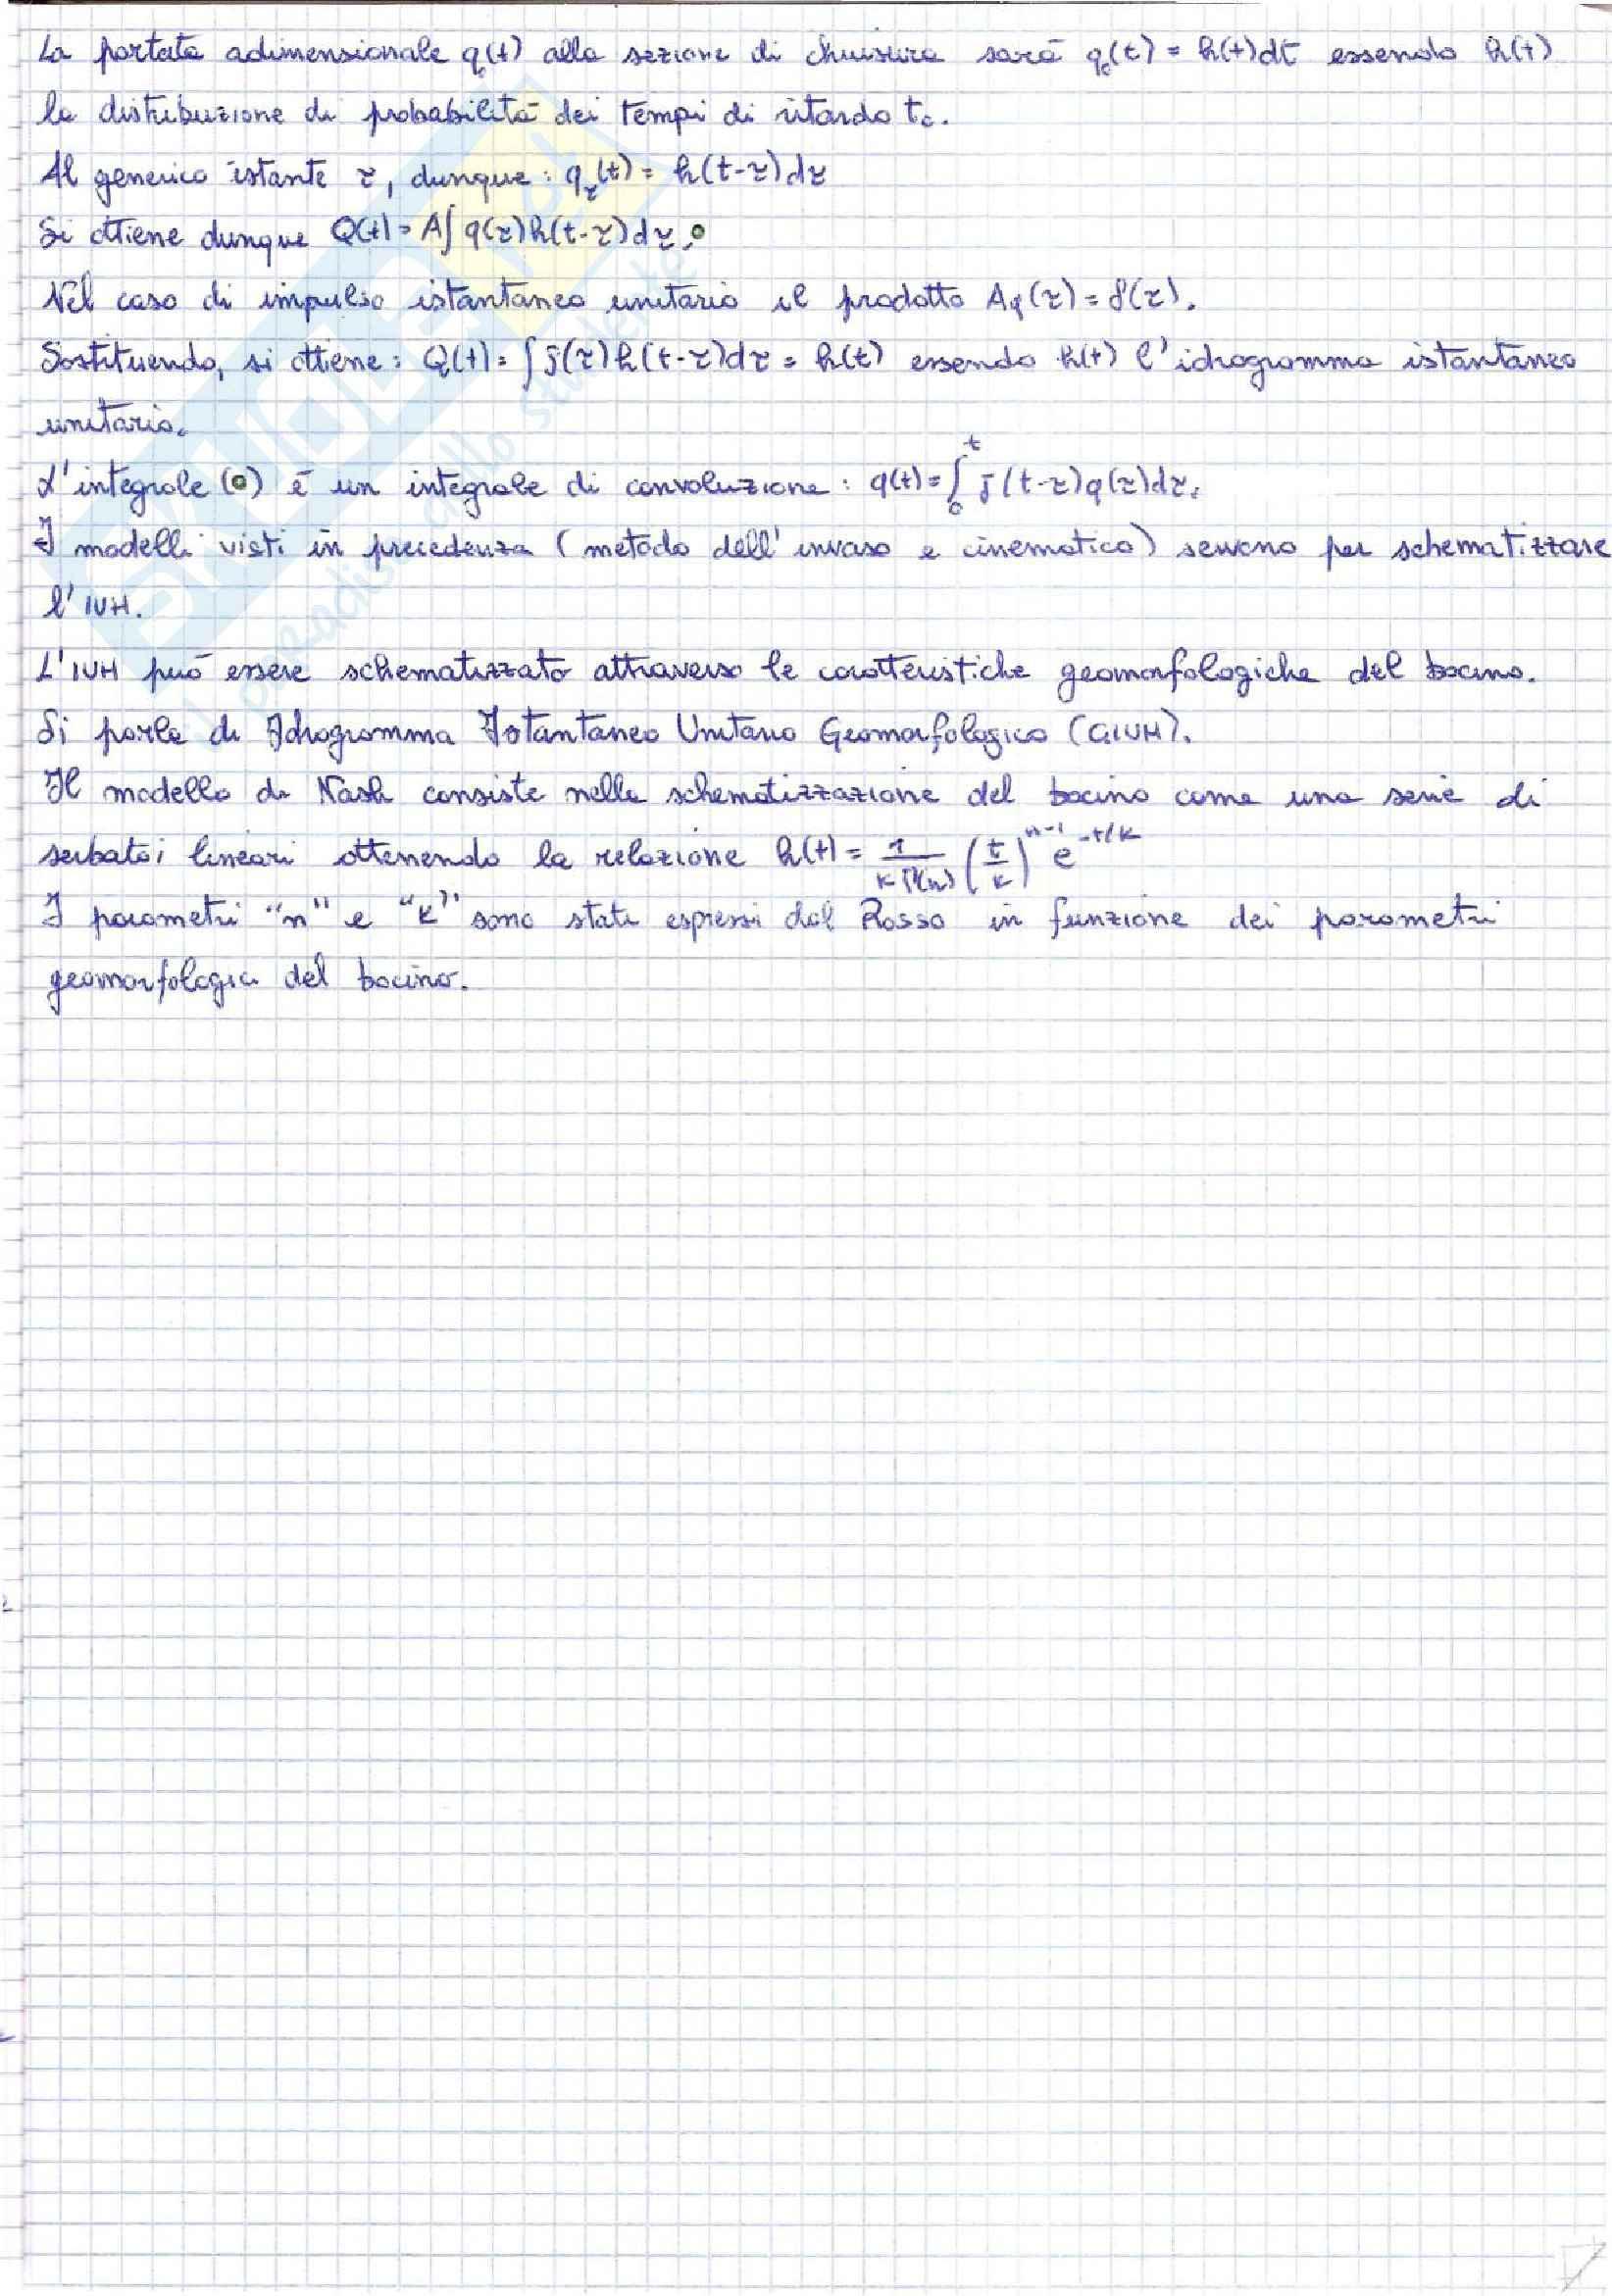 Idrologia e costruzioni idrauliche - appunti Pag. 11